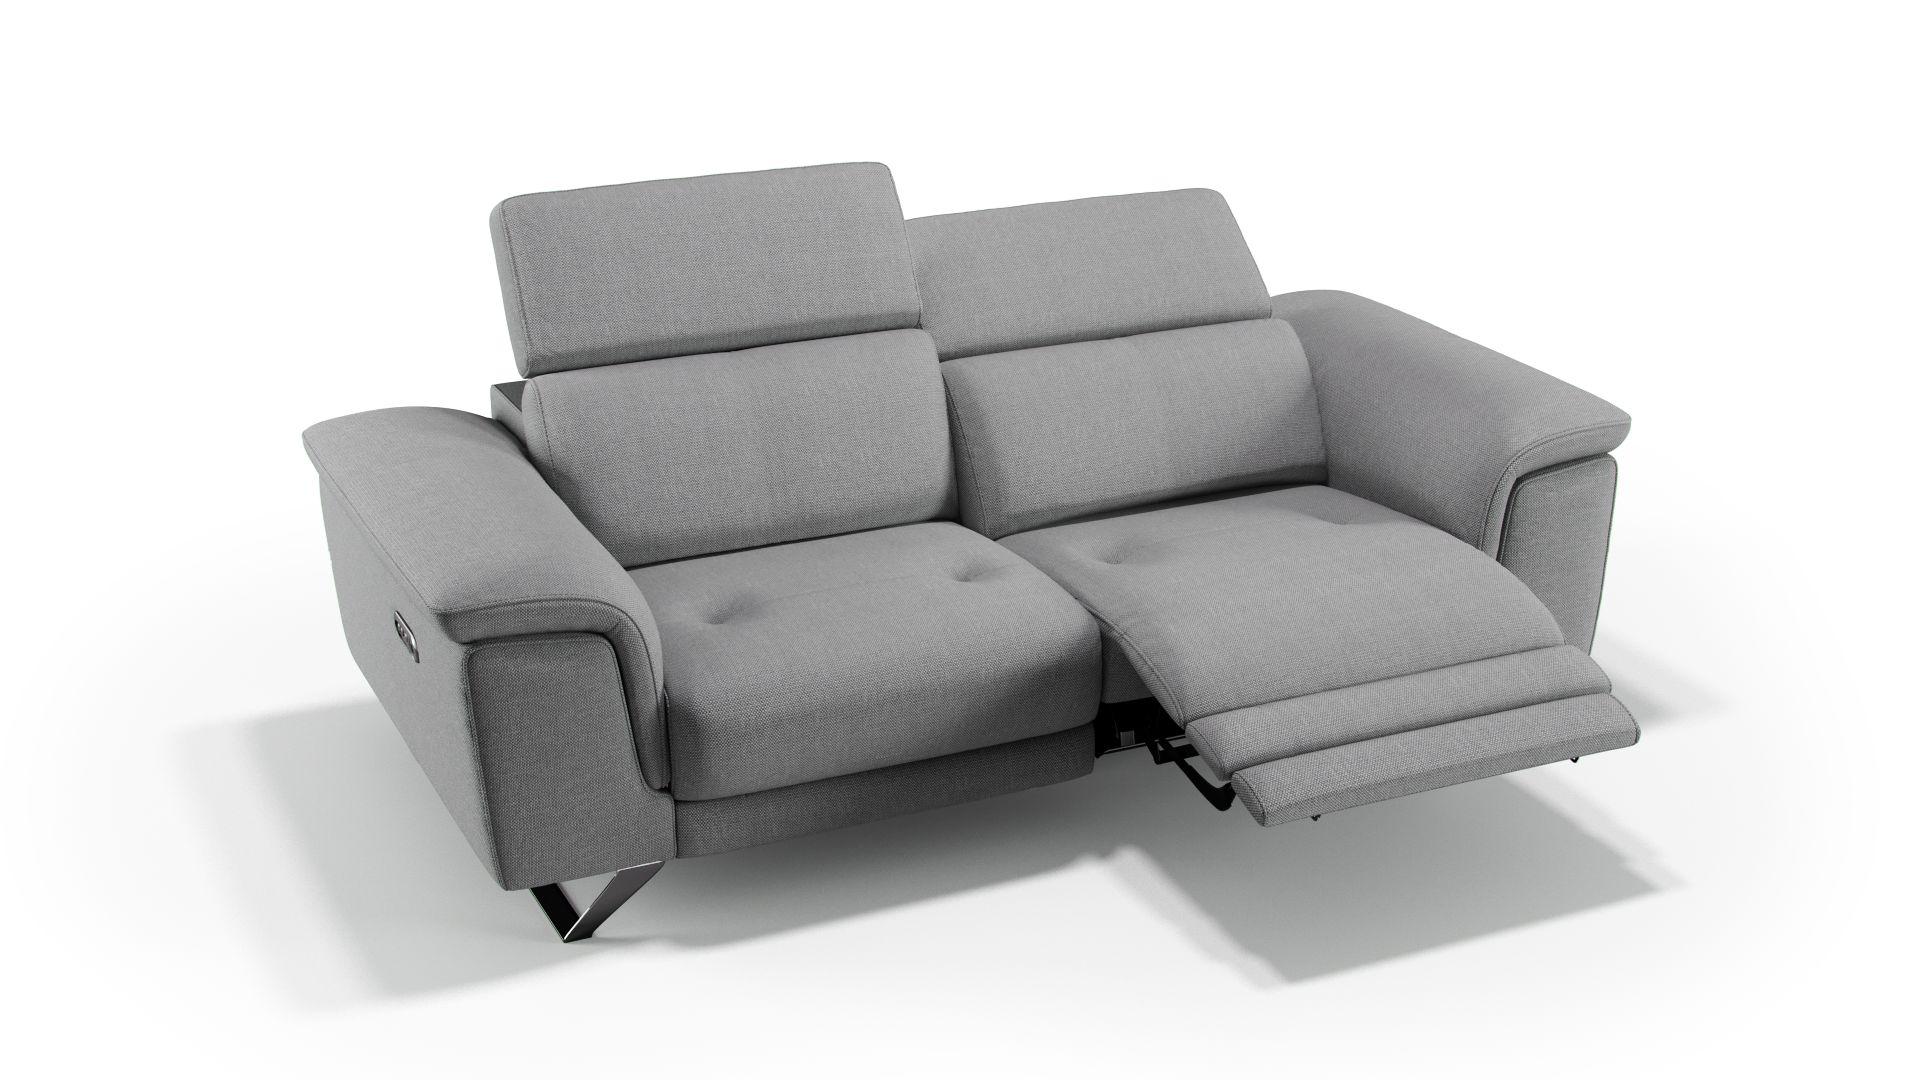 Full Size of 2 Sitzer Sofa Mit Relaxfunktion 2er Stoff Sofanella Konfigurator Zweisitzer Hussen Verkaufen Altes Hocker Grün Franz Fertig Federkern 3 Bett 180x200 Sofa 2 Sitzer Sofa